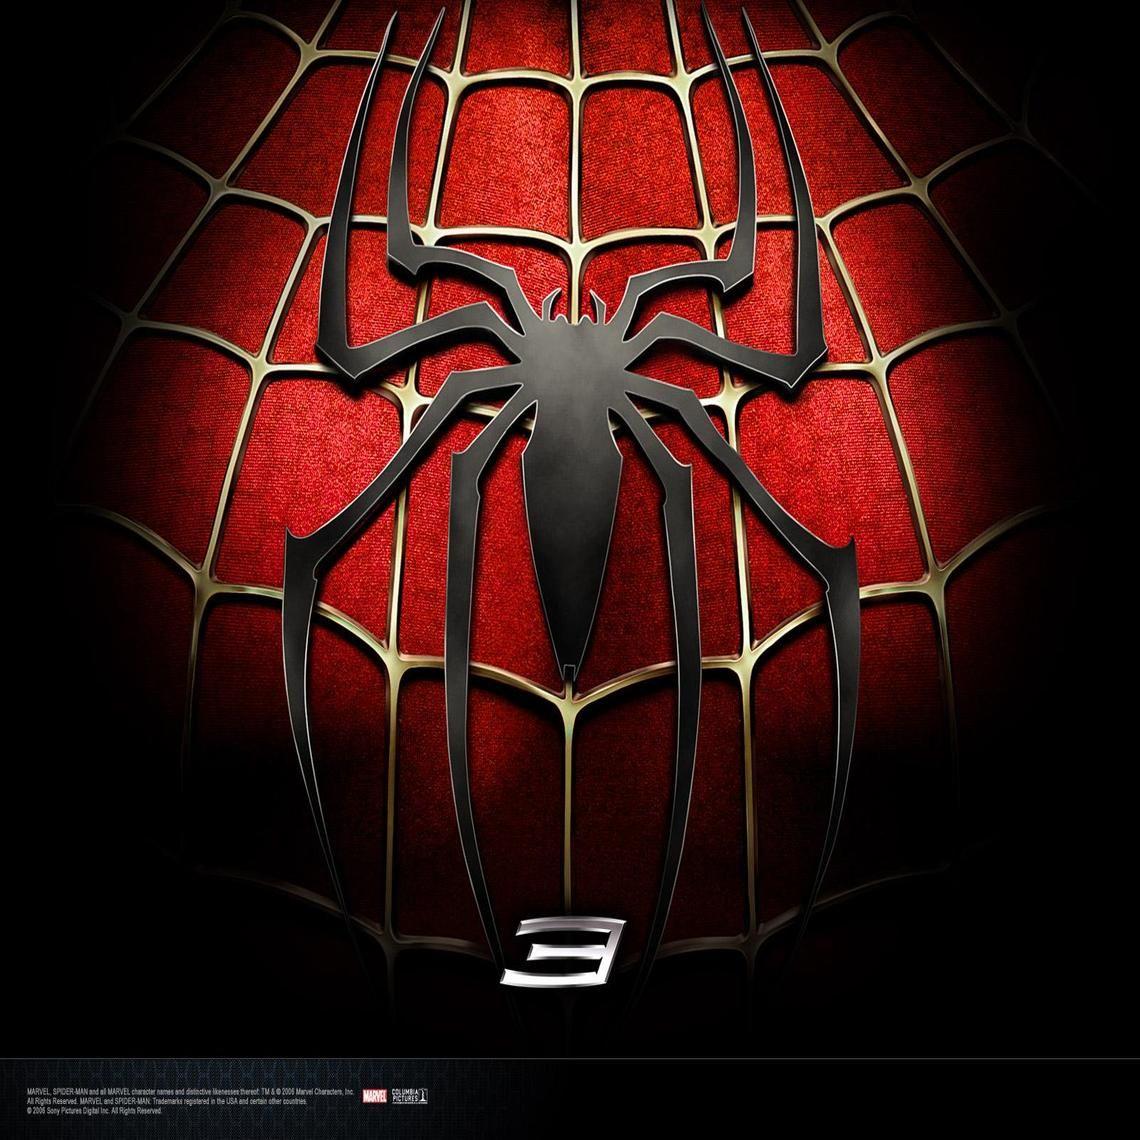 spiderman 3 logo wwwpixsharkcom images galleries